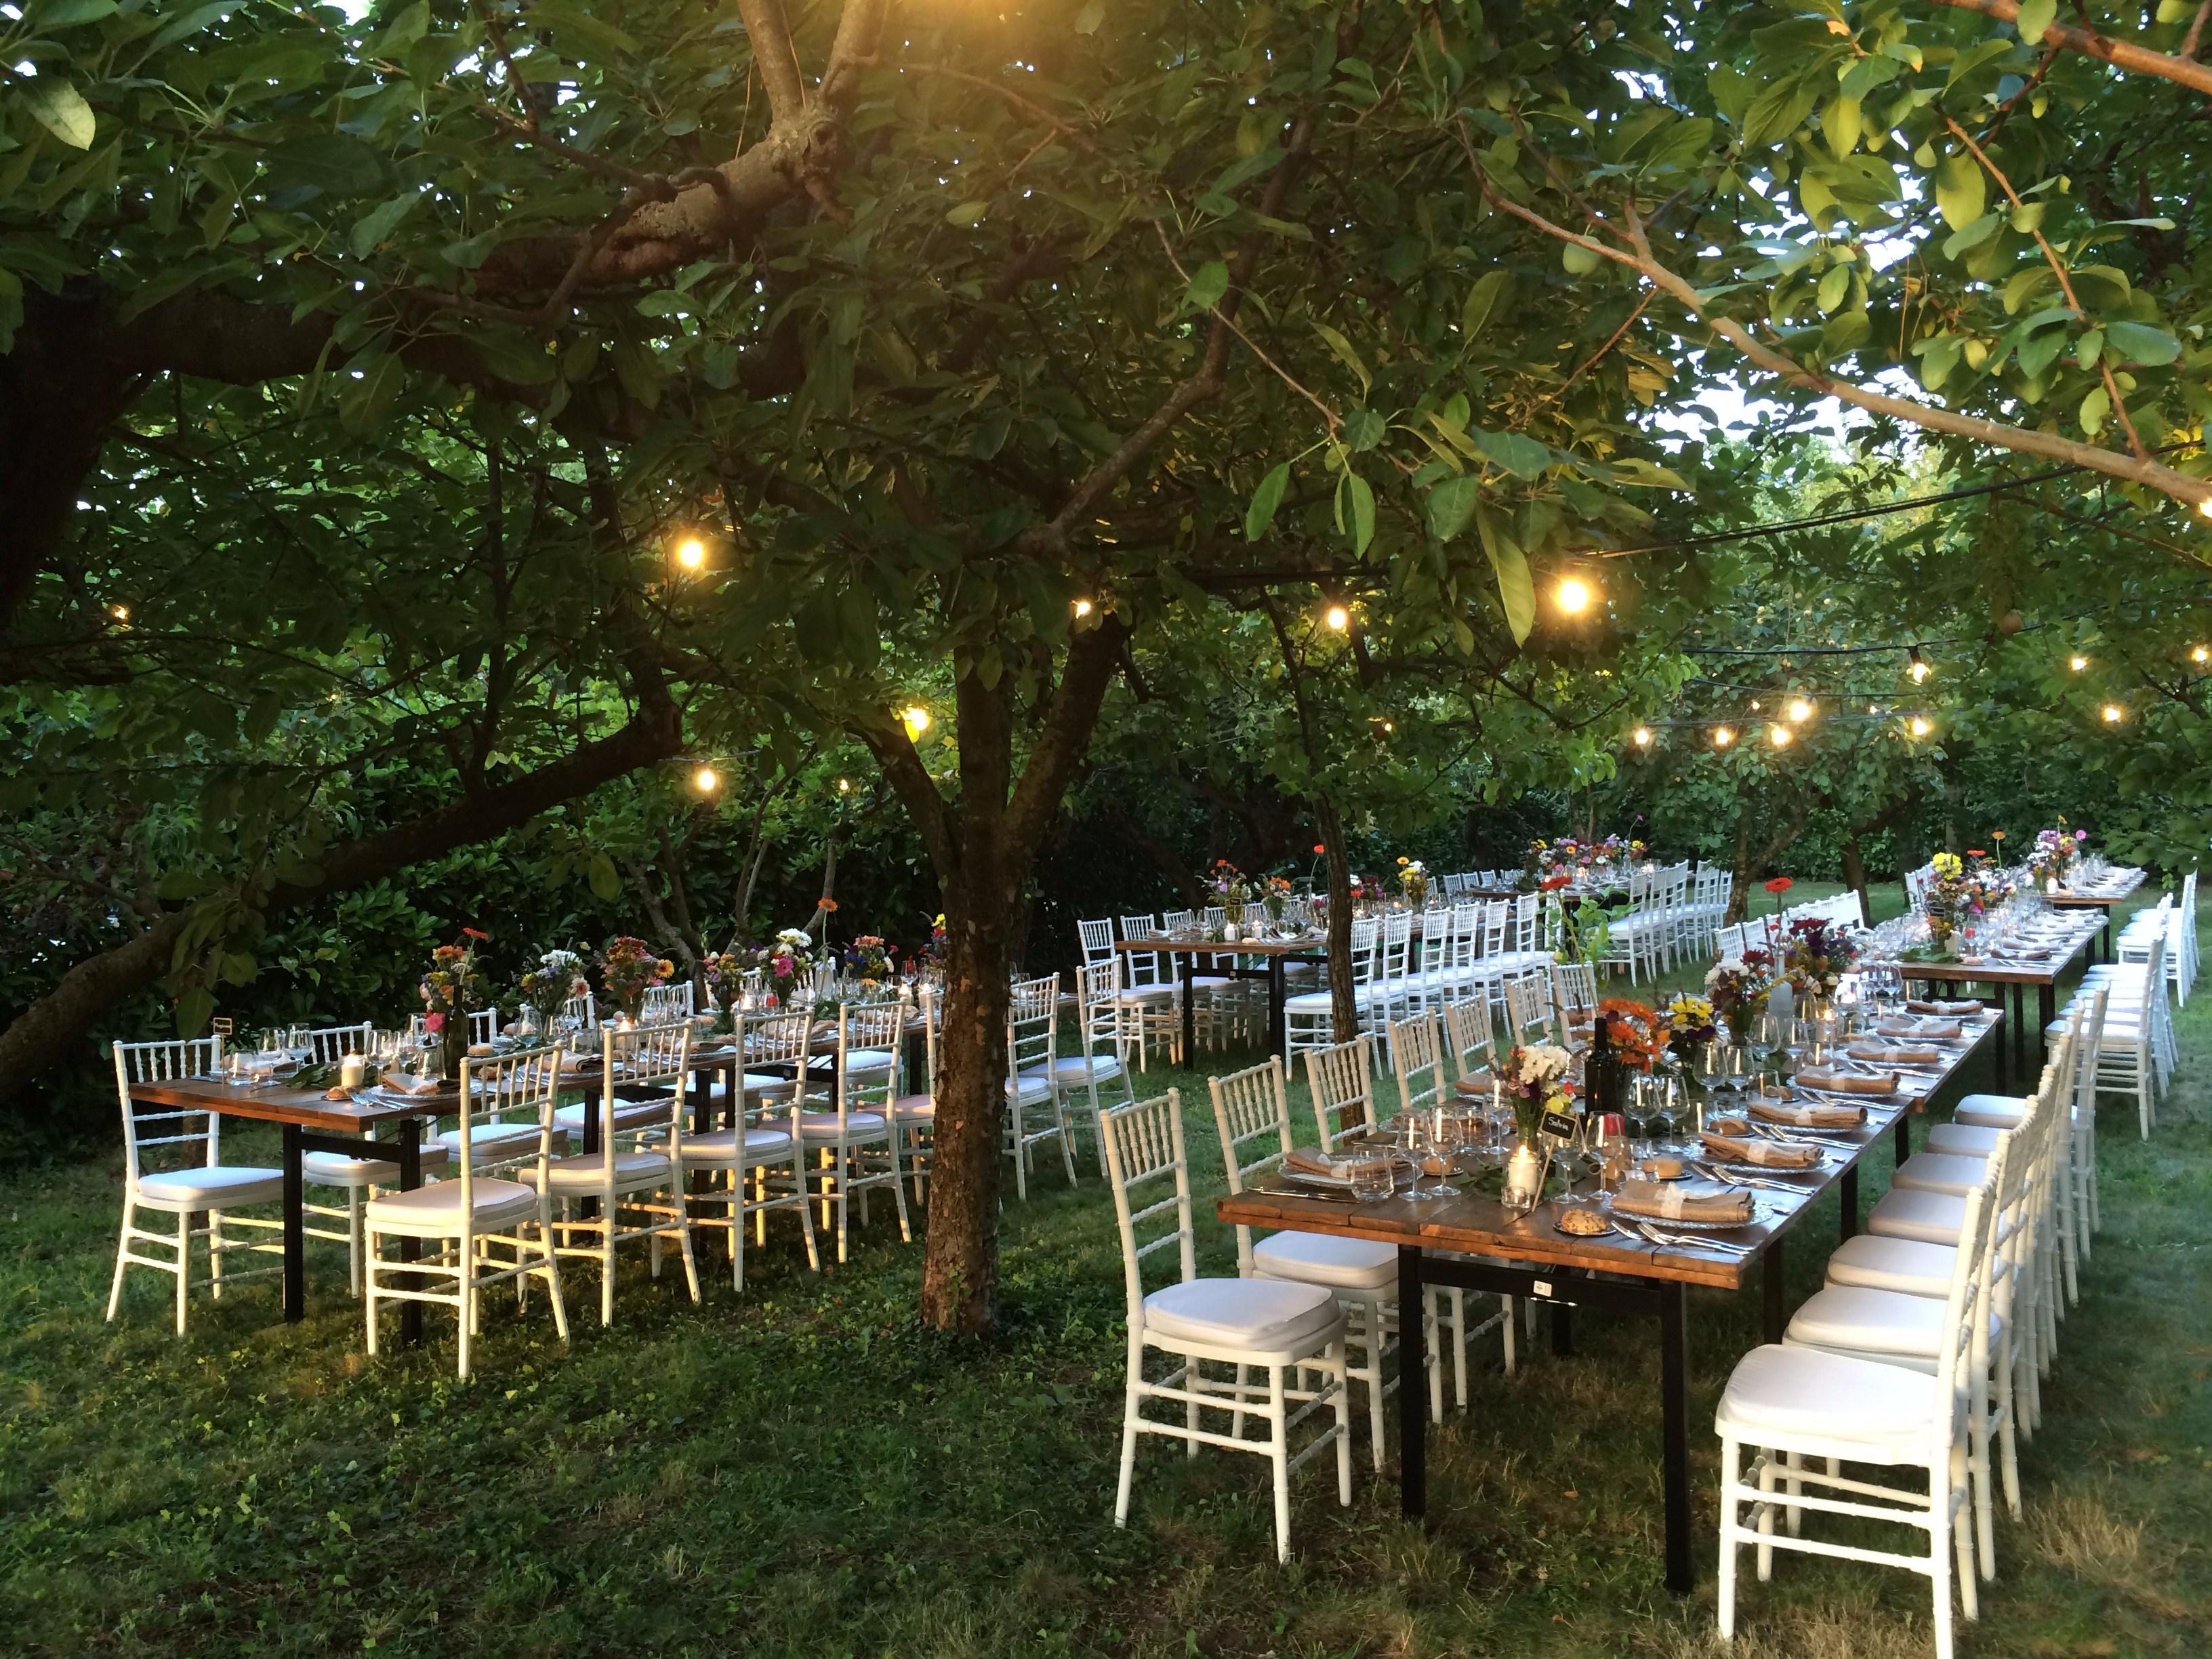 Matrimonio Country Chic Giardino : Gli eventi che ho curato francesca ferrari